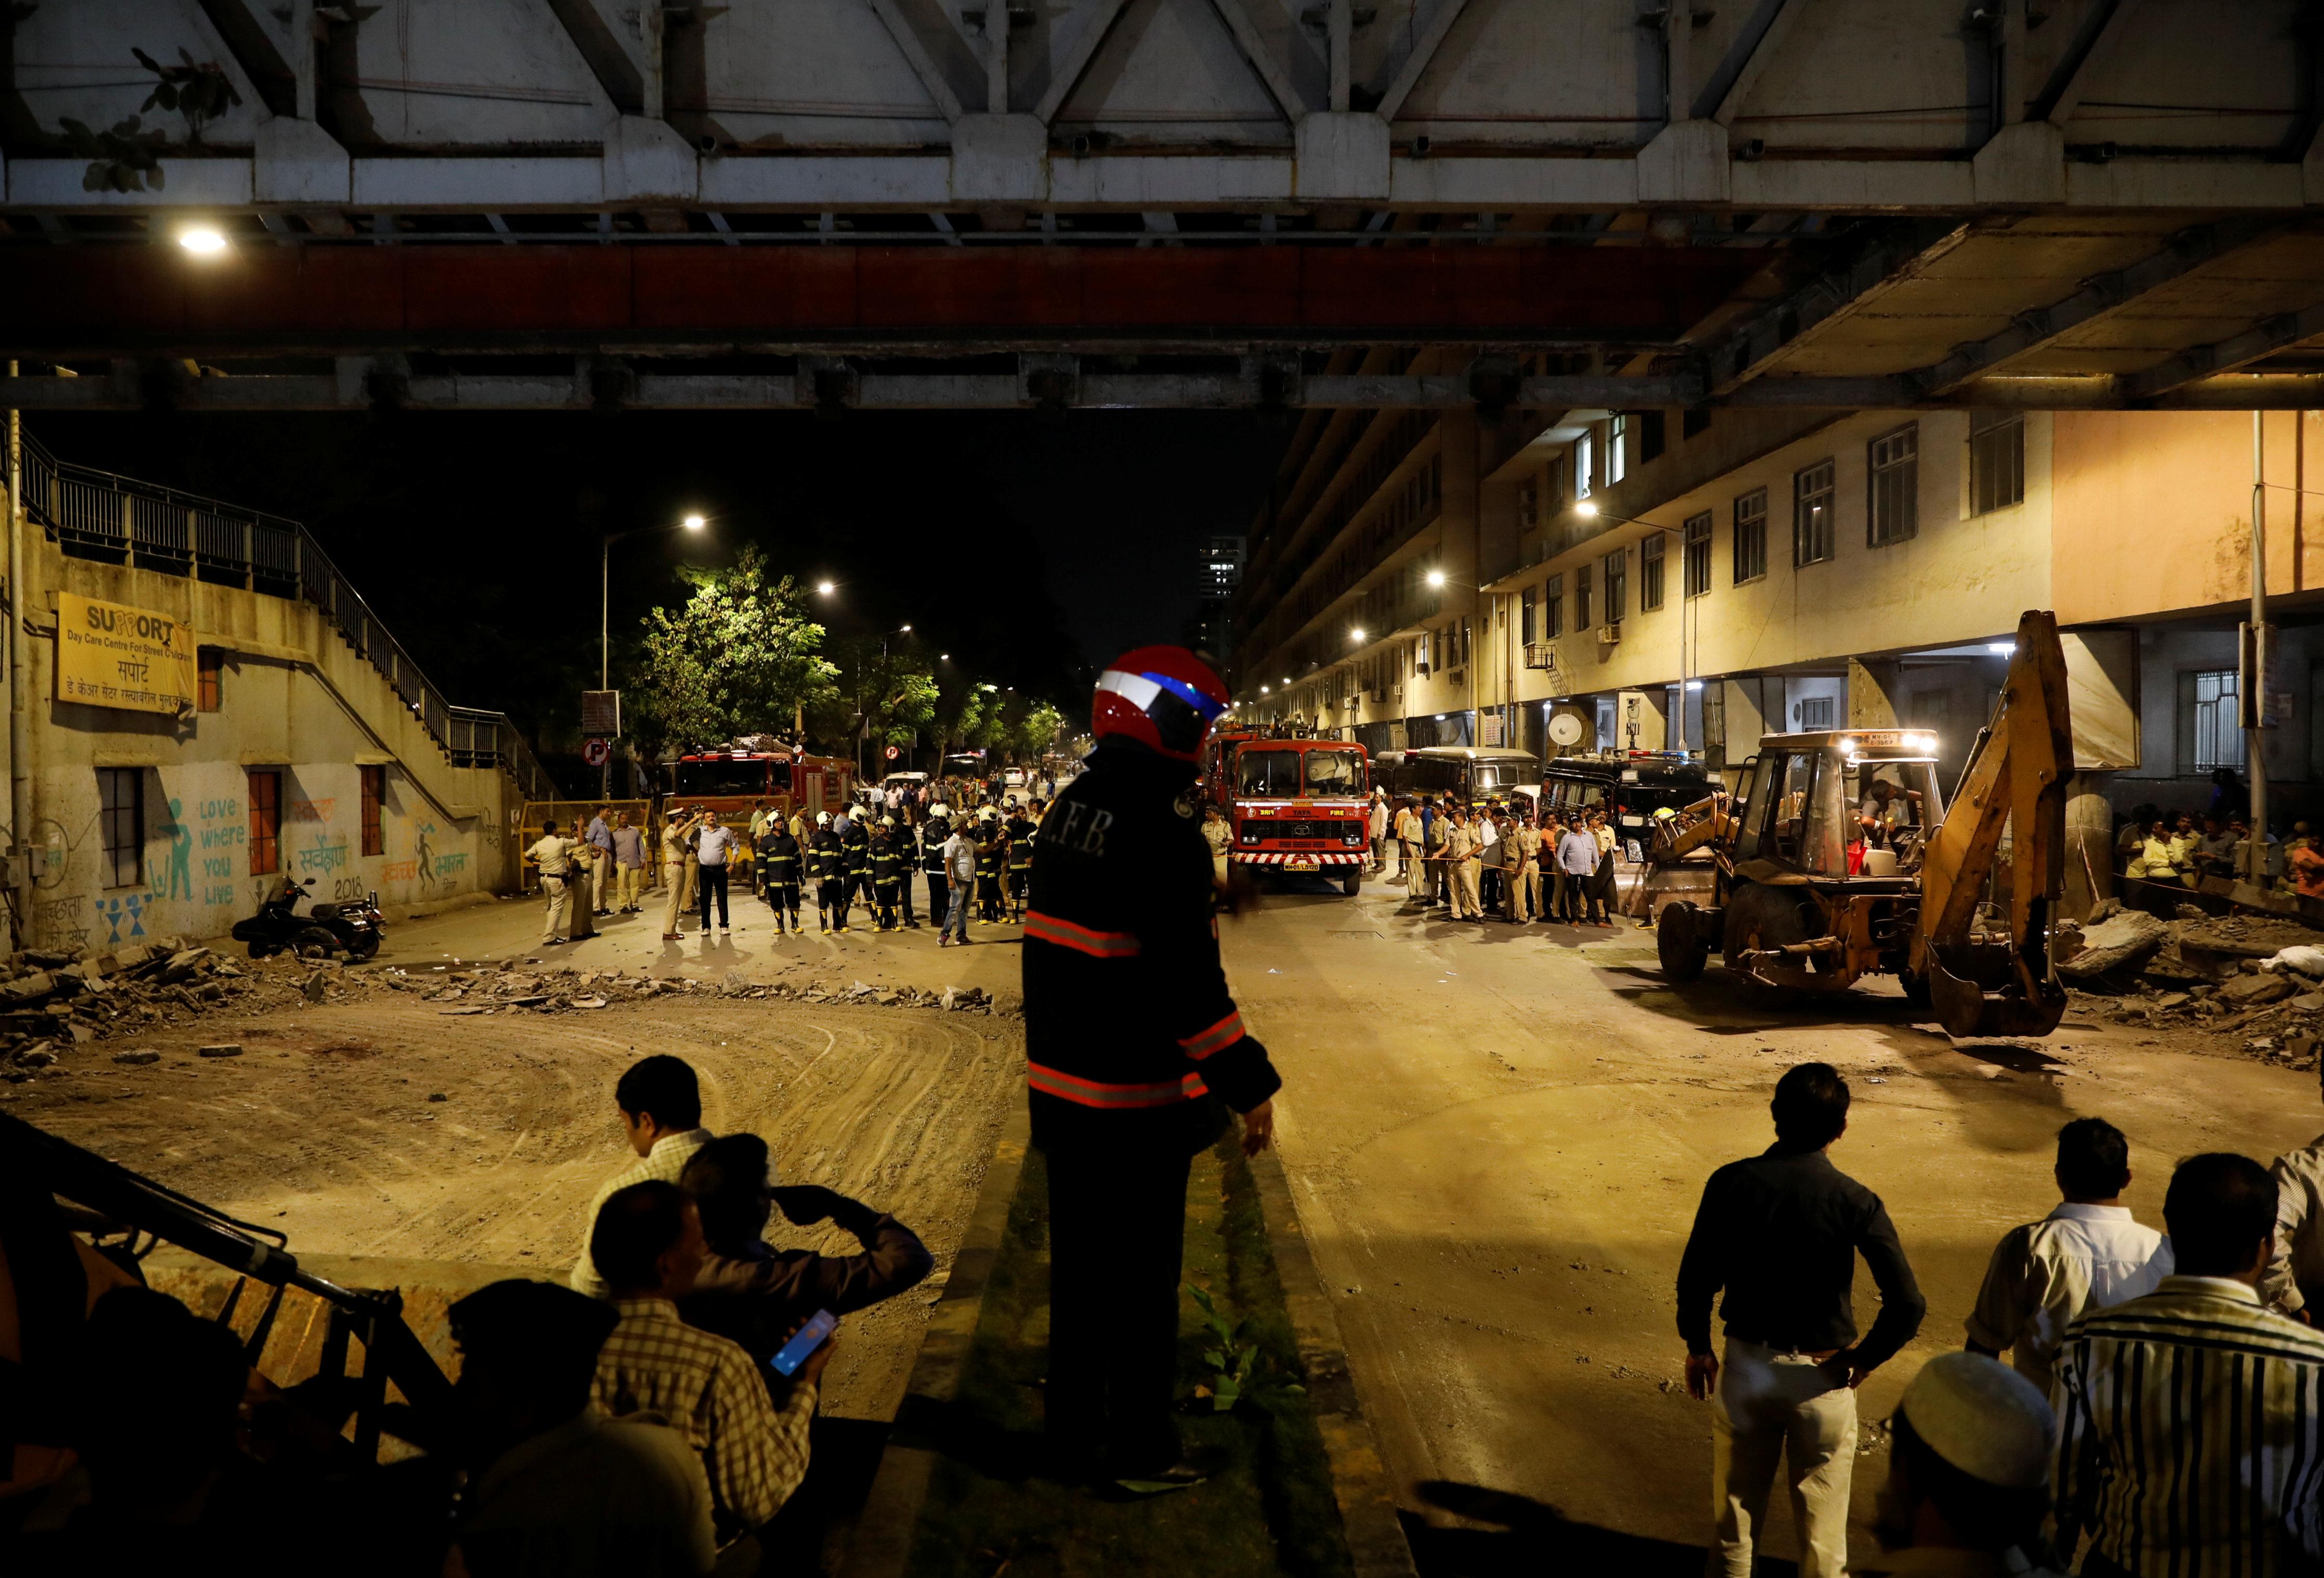 انهيار جسر مشاه أودى بحياة 5 مواطنين بمومباى